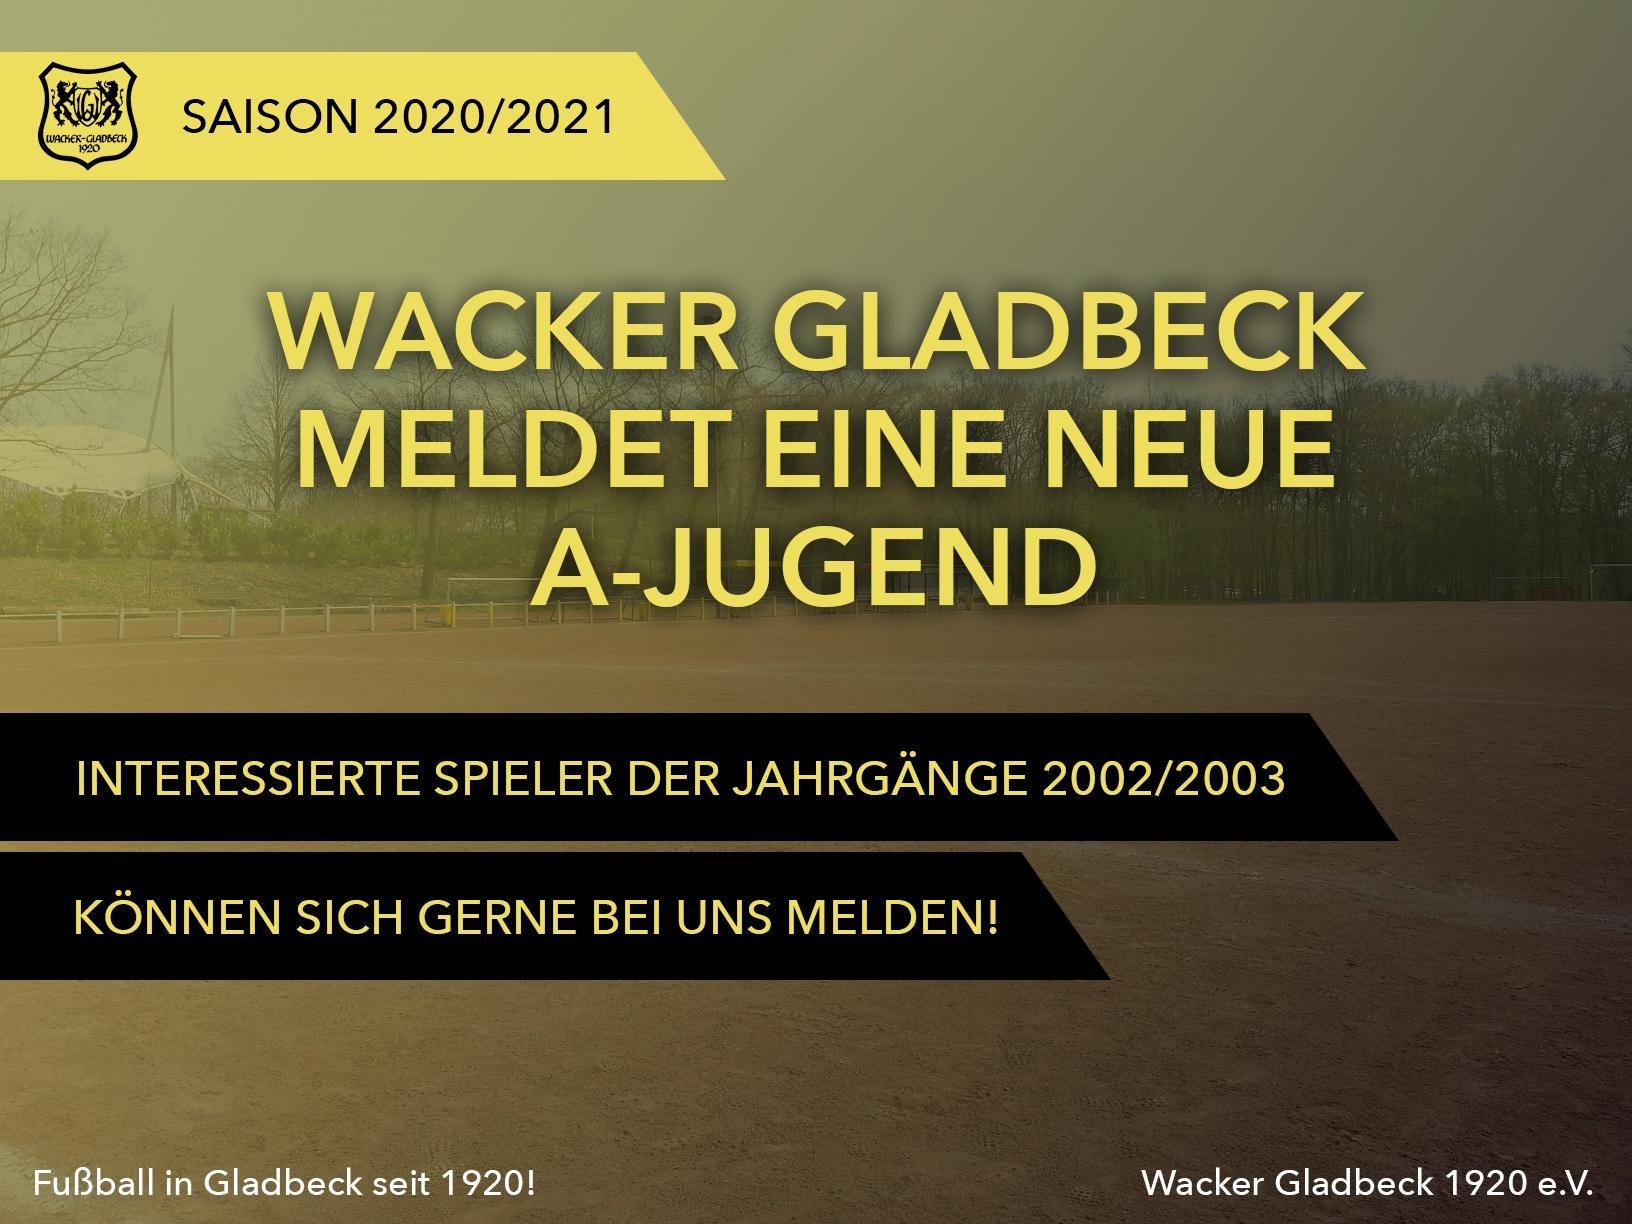 Wacker Gladbeck - Wacker Gladbeck meldet eine neue A-Jugend